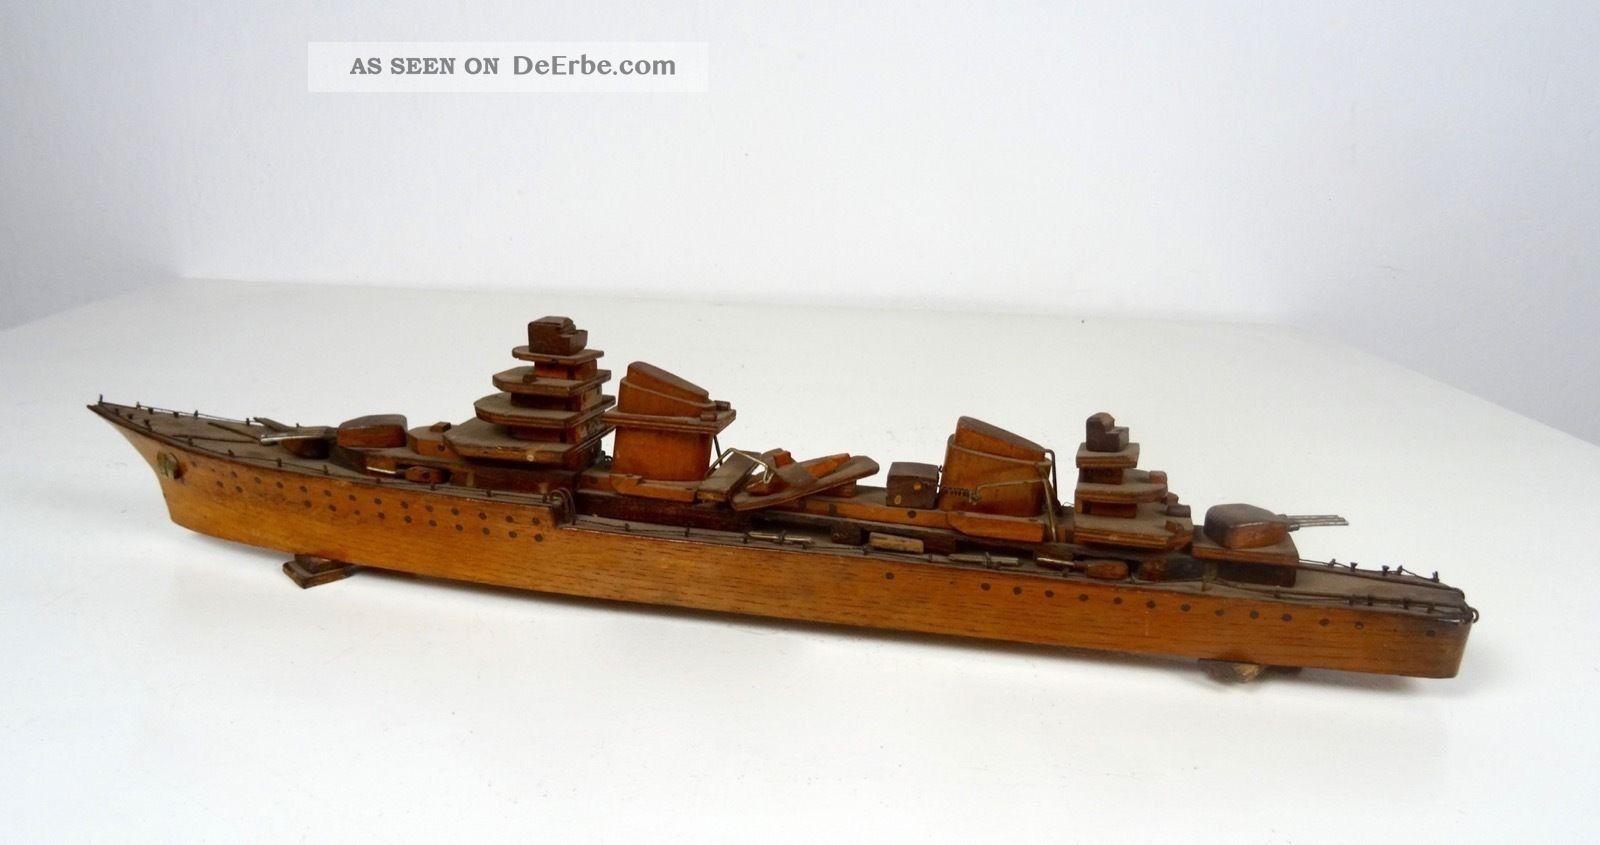 Seltene Art Deco Schiff Skulptur Antik Frankreich 1930 Kriegsschiff Fregatte 1920-1949, Art Déco Bild